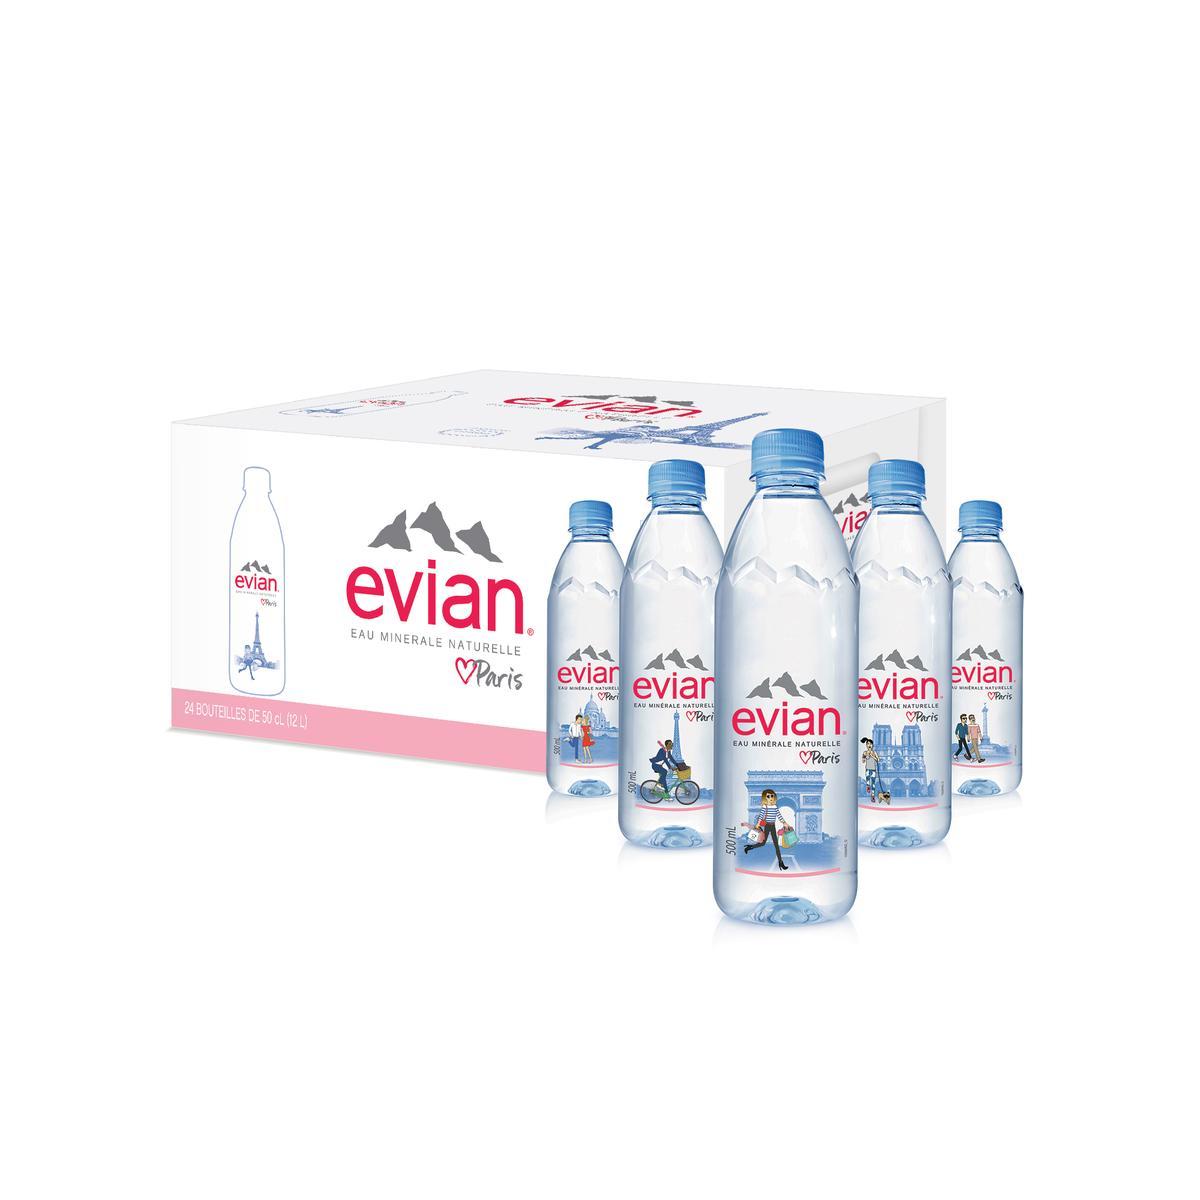 Calendrier Evian.Evian Prestige City Bottle 24x50cl